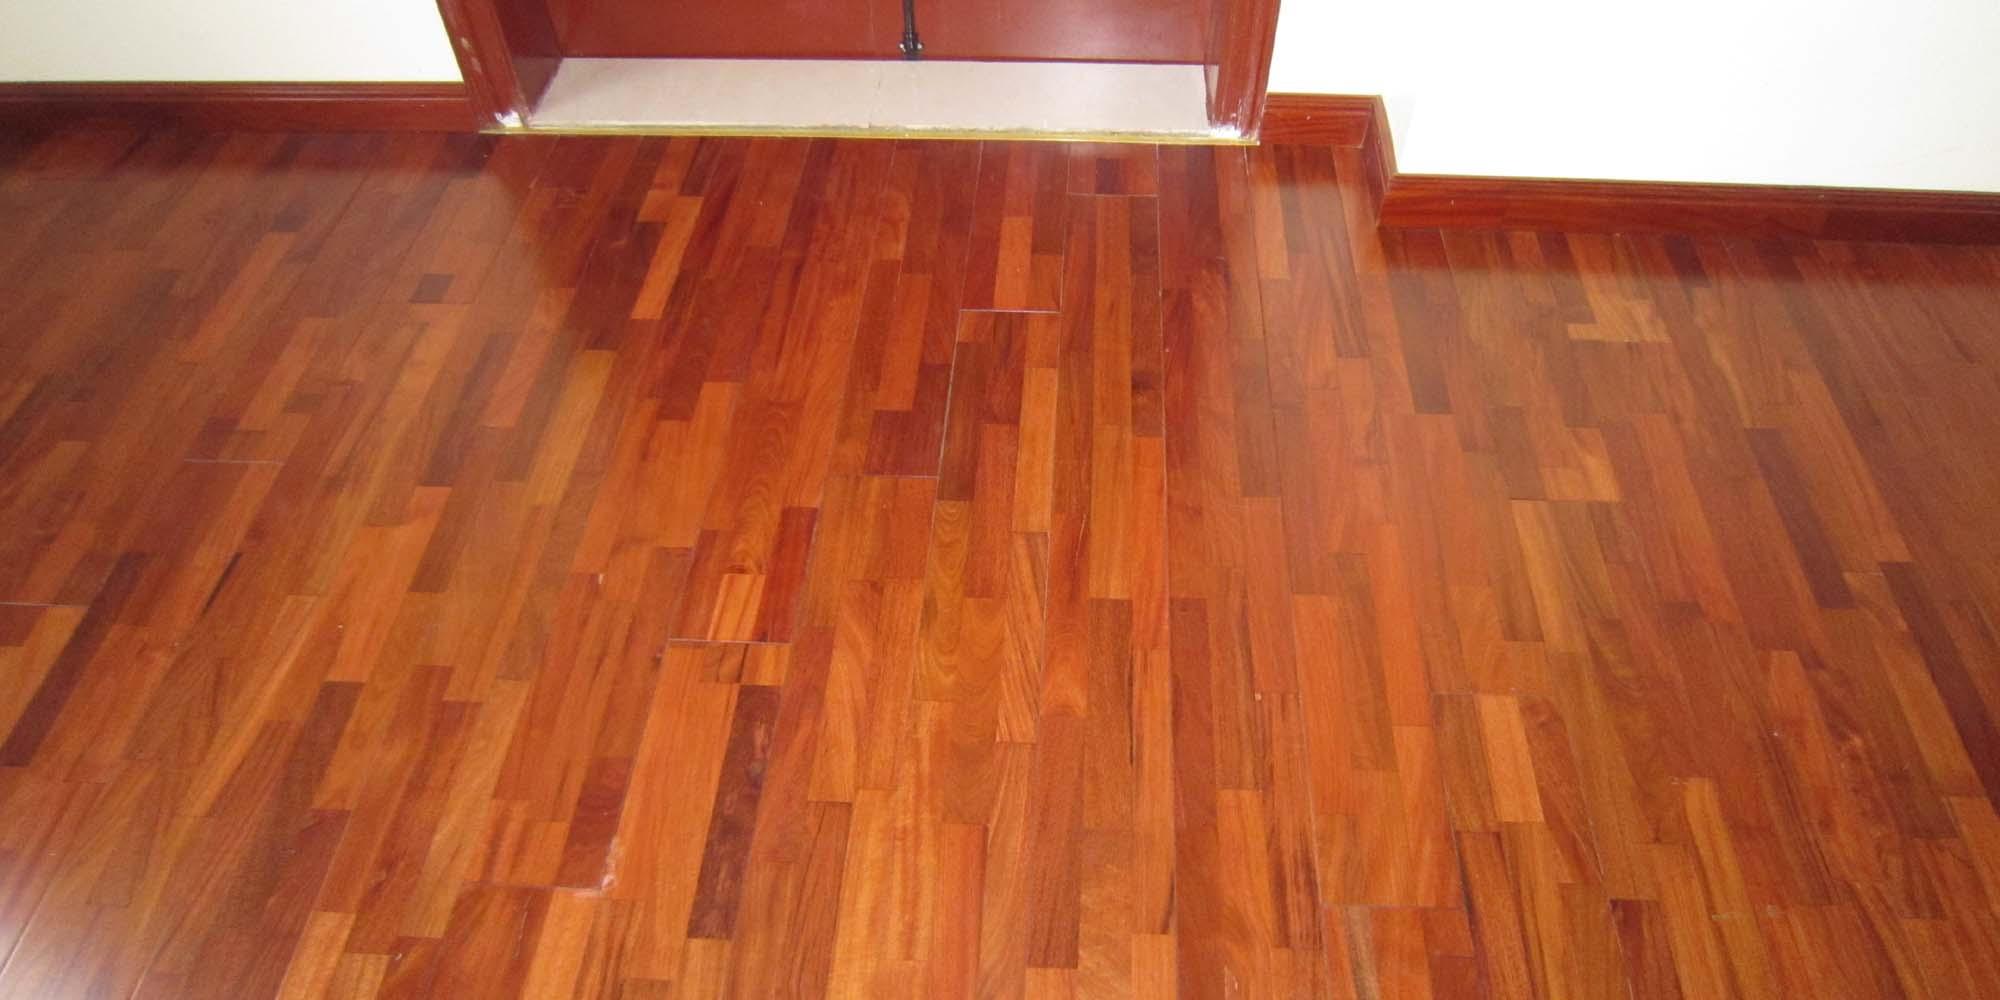 sàn gỗ giáng hương tại hà nội dòng sàn gỗ tự nhiên cao cấp tại hà nội